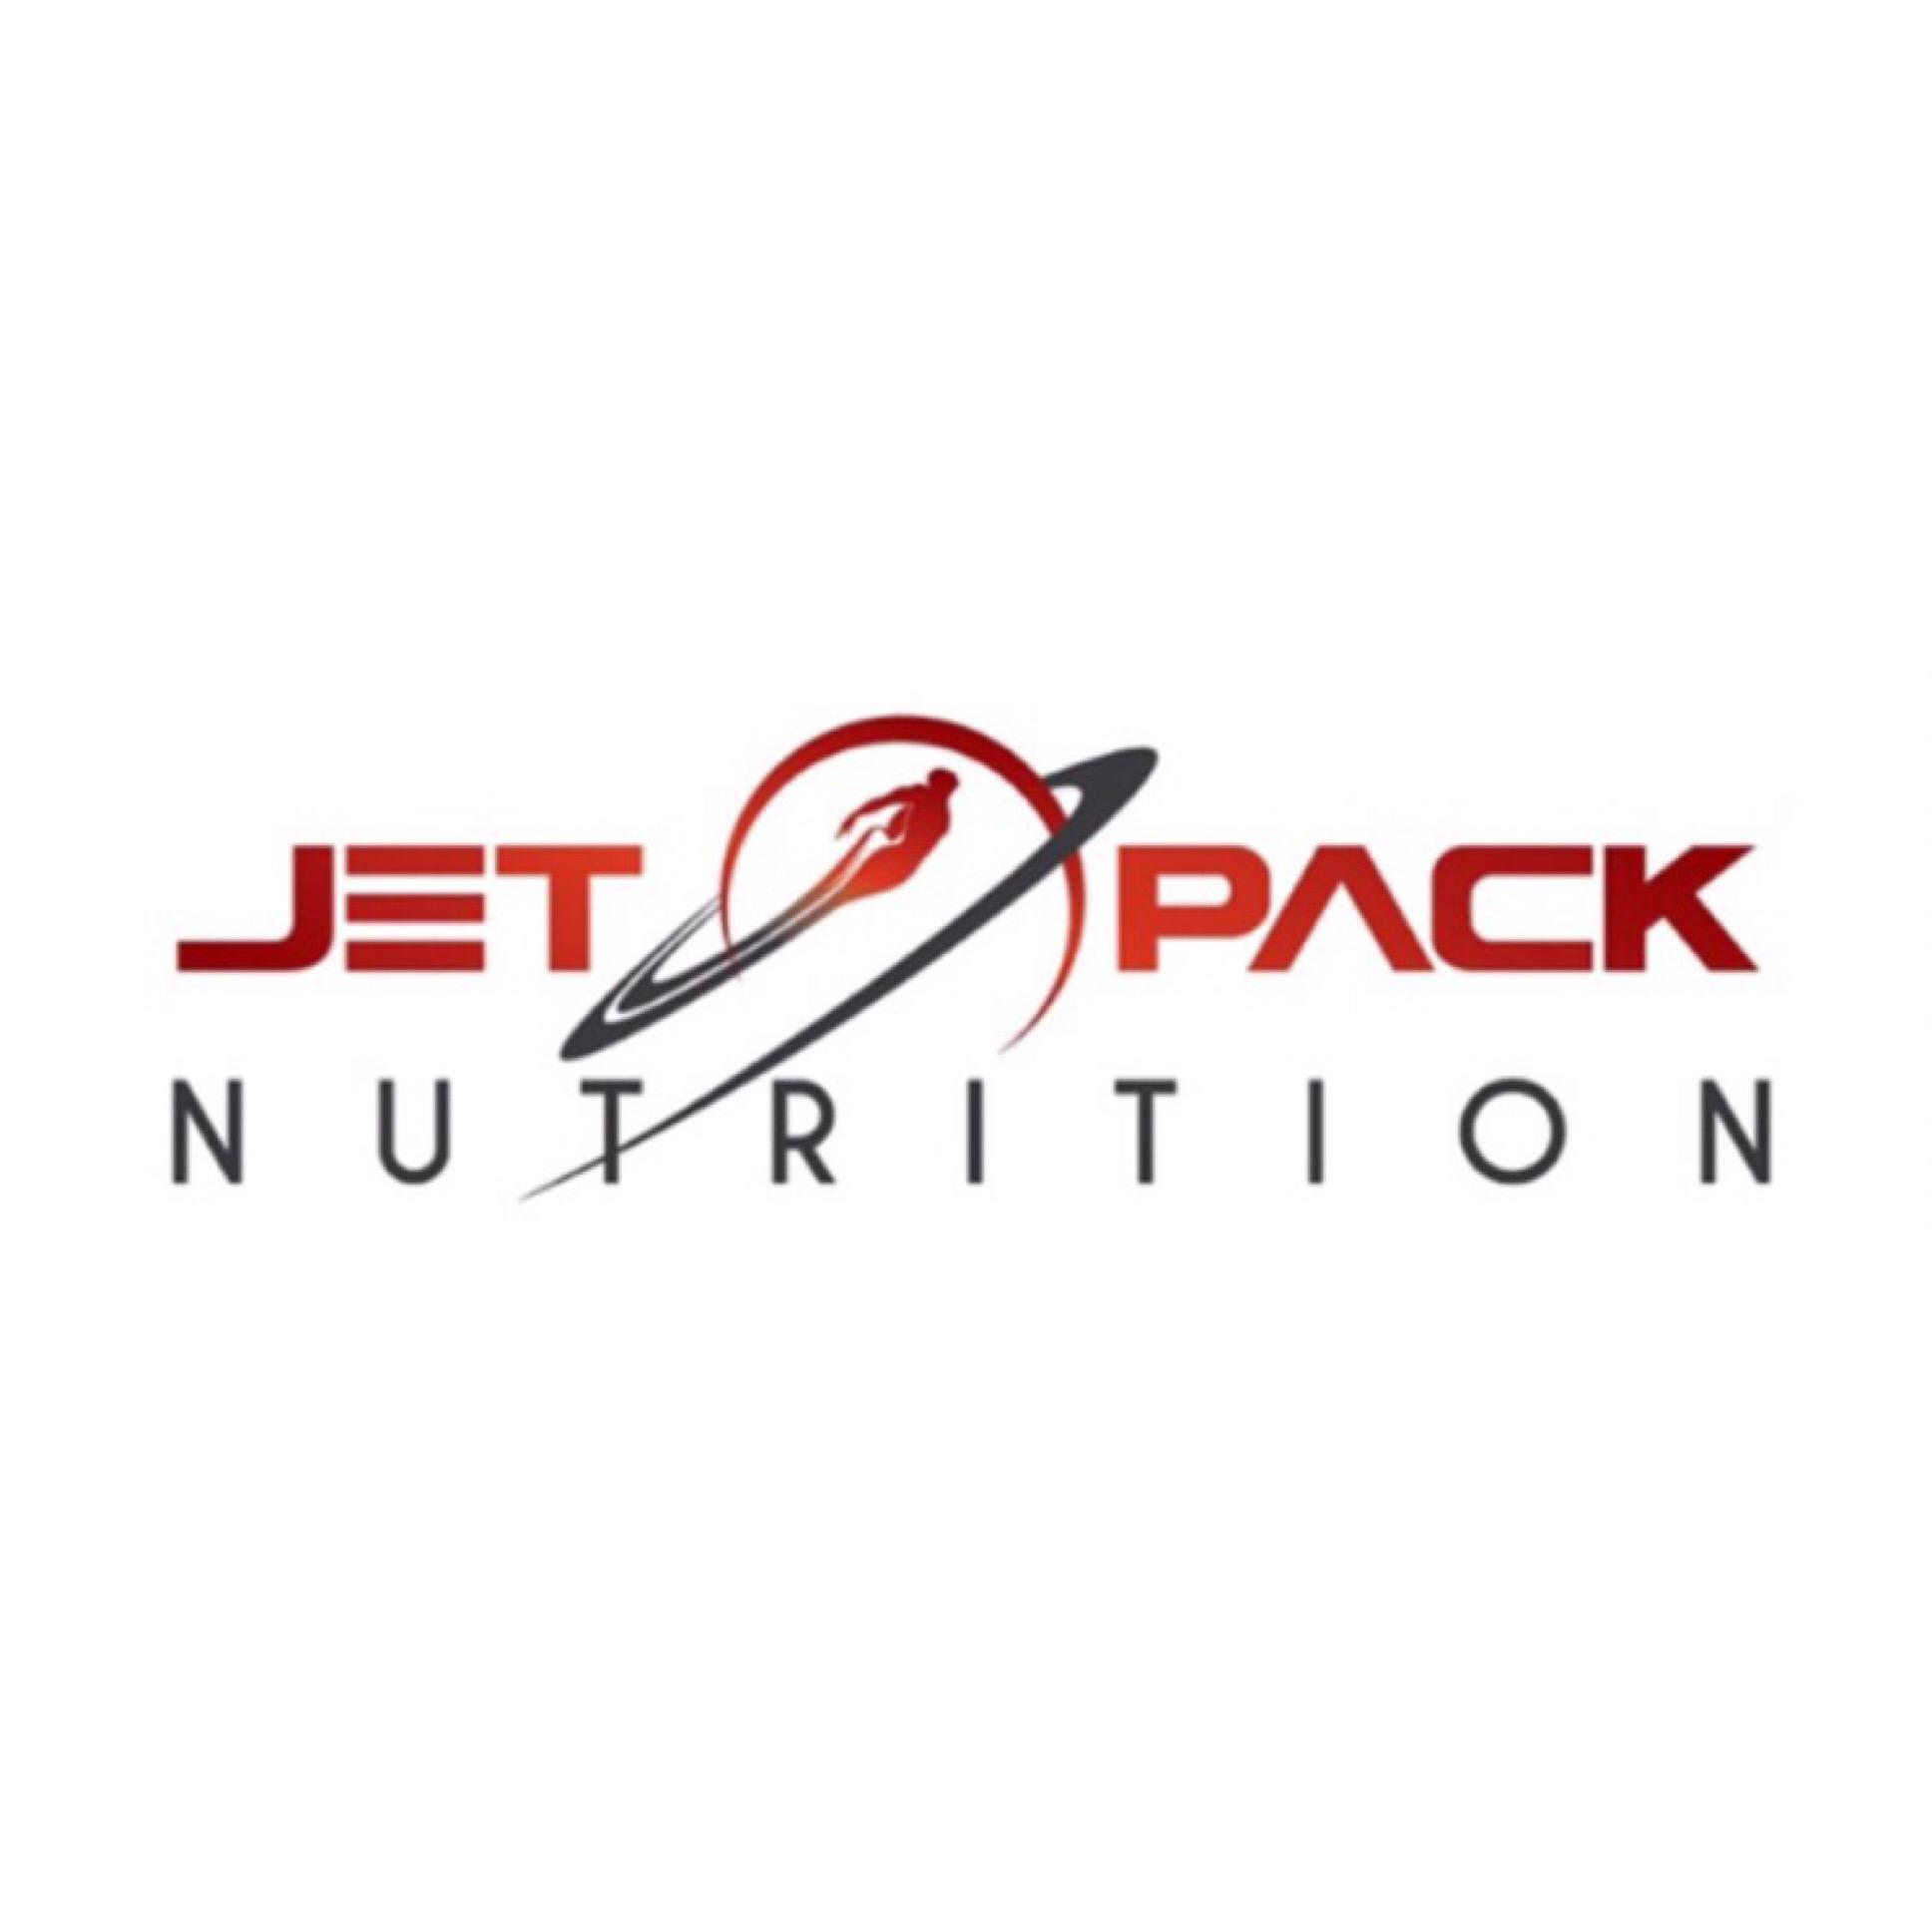 JetPack Nutrition